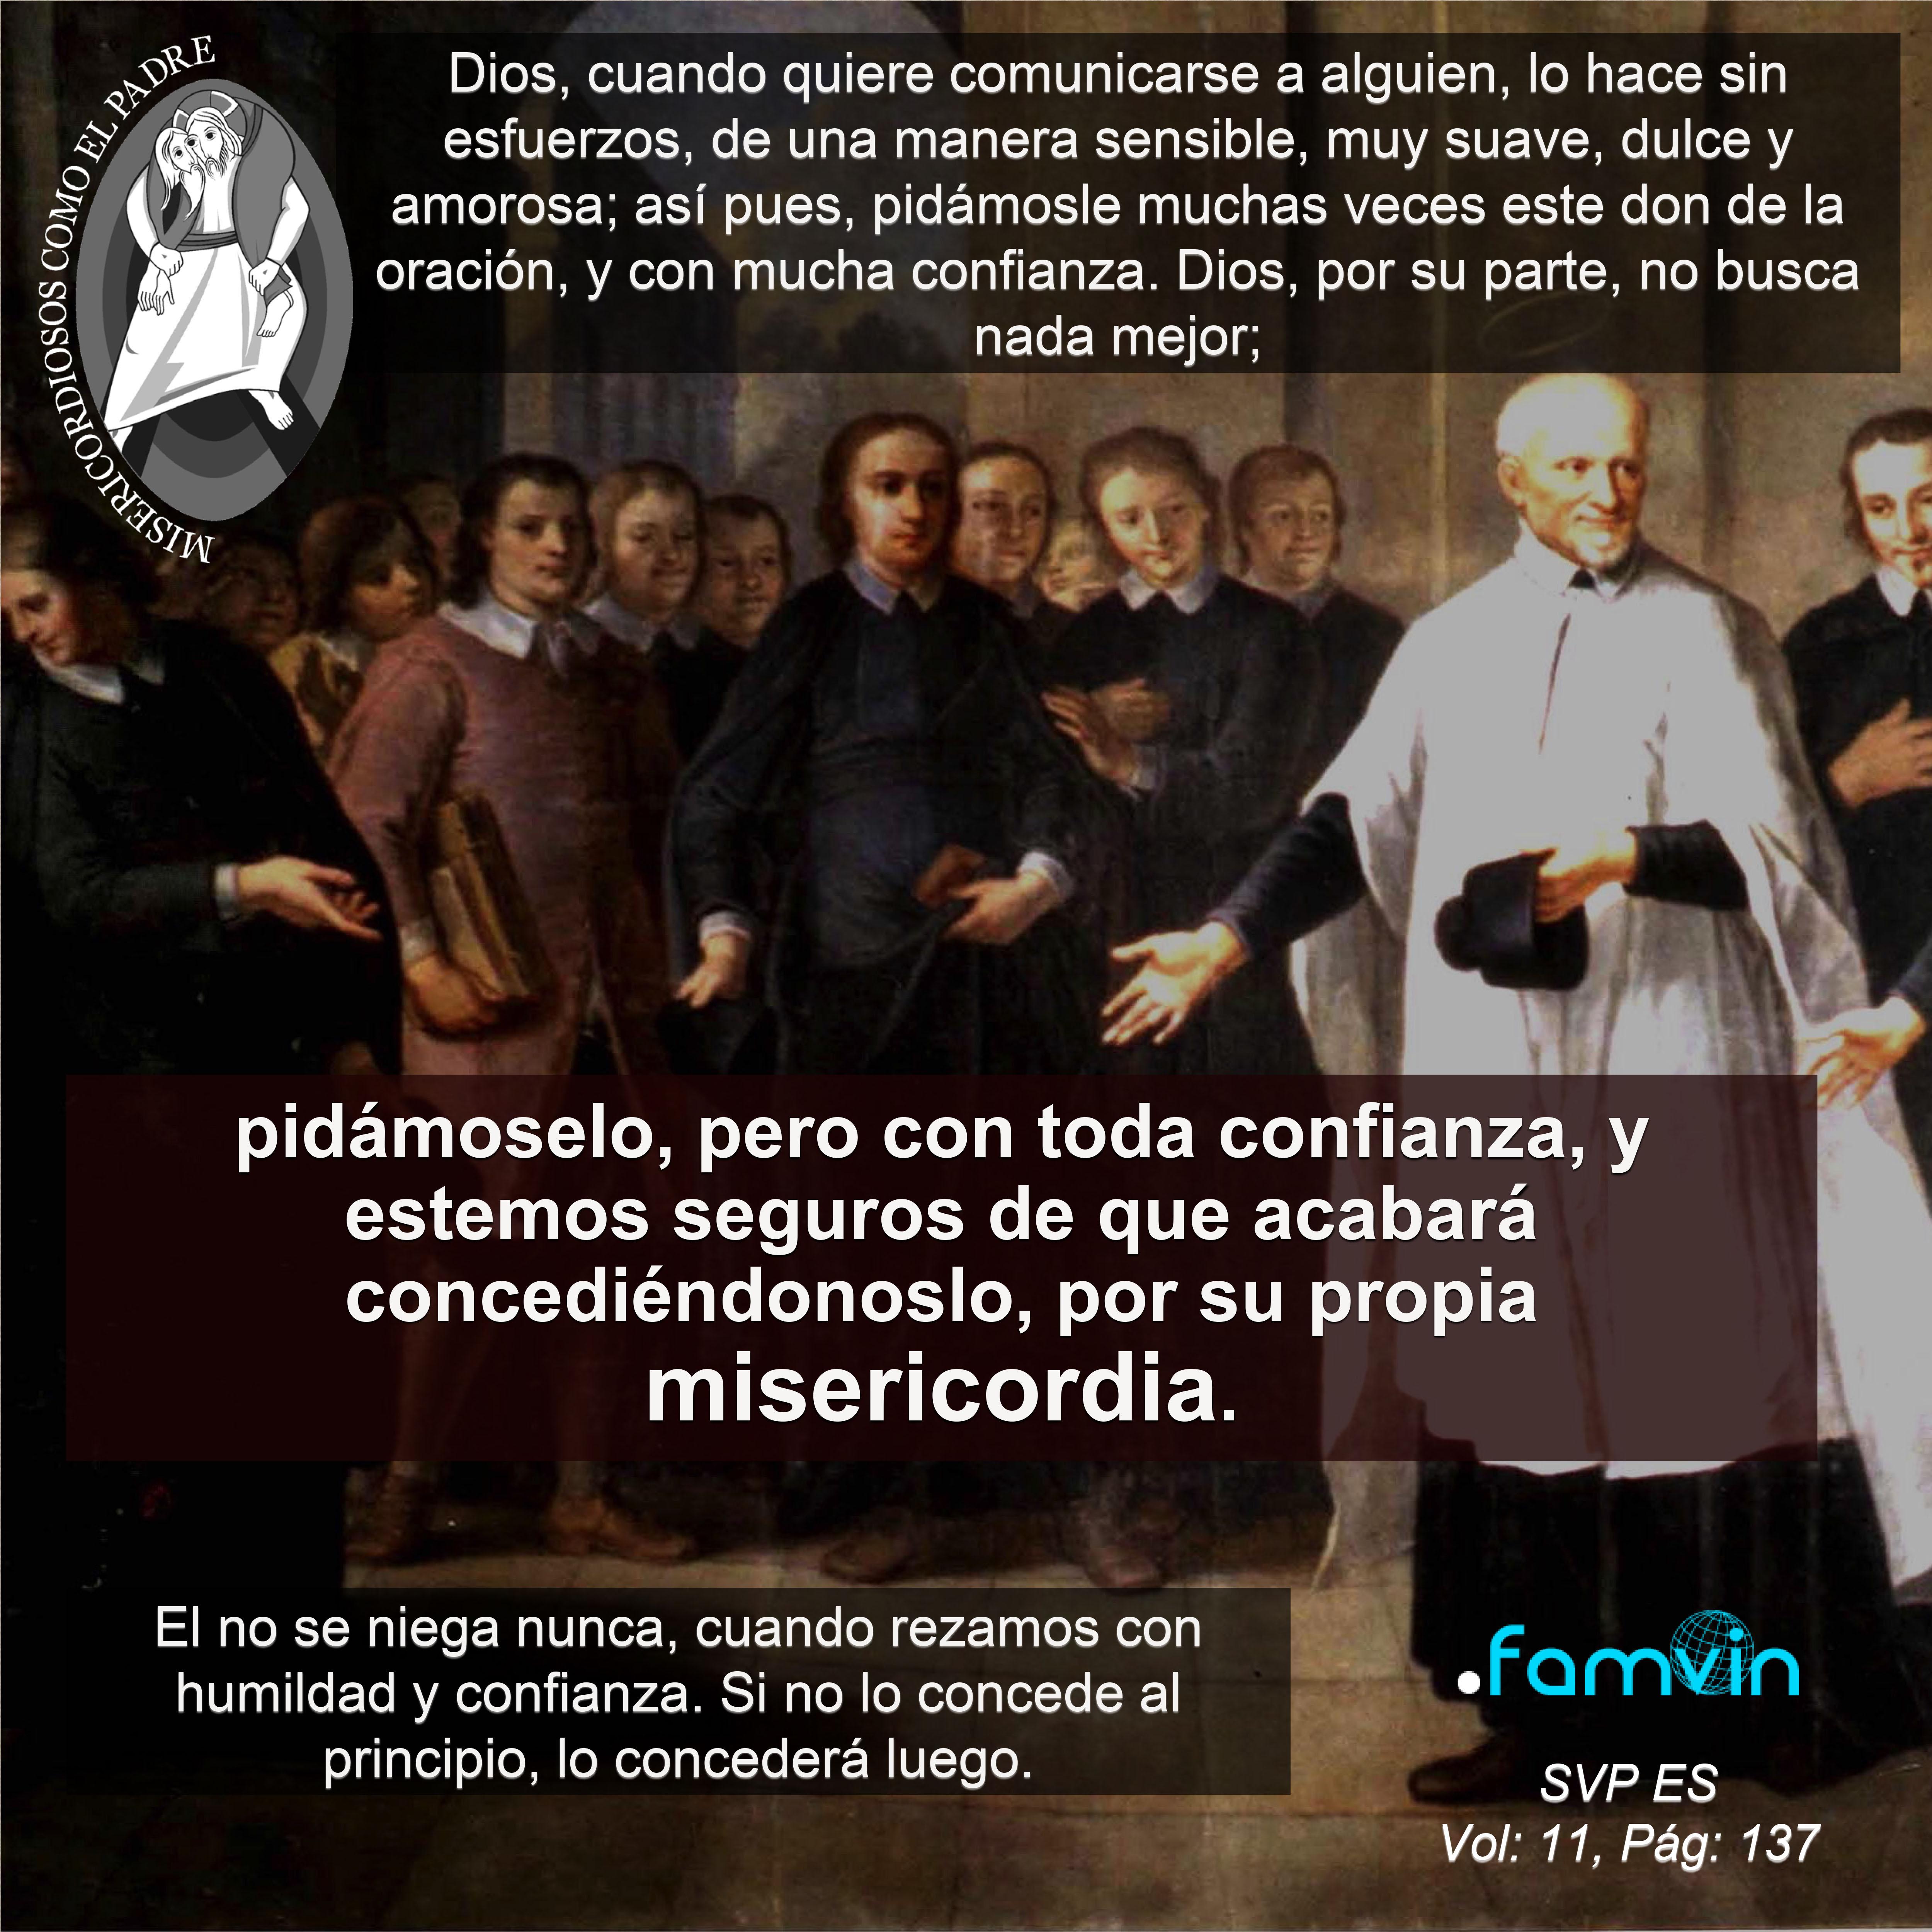 El Año de la Misericordia para Vicencianos 08.11.2016